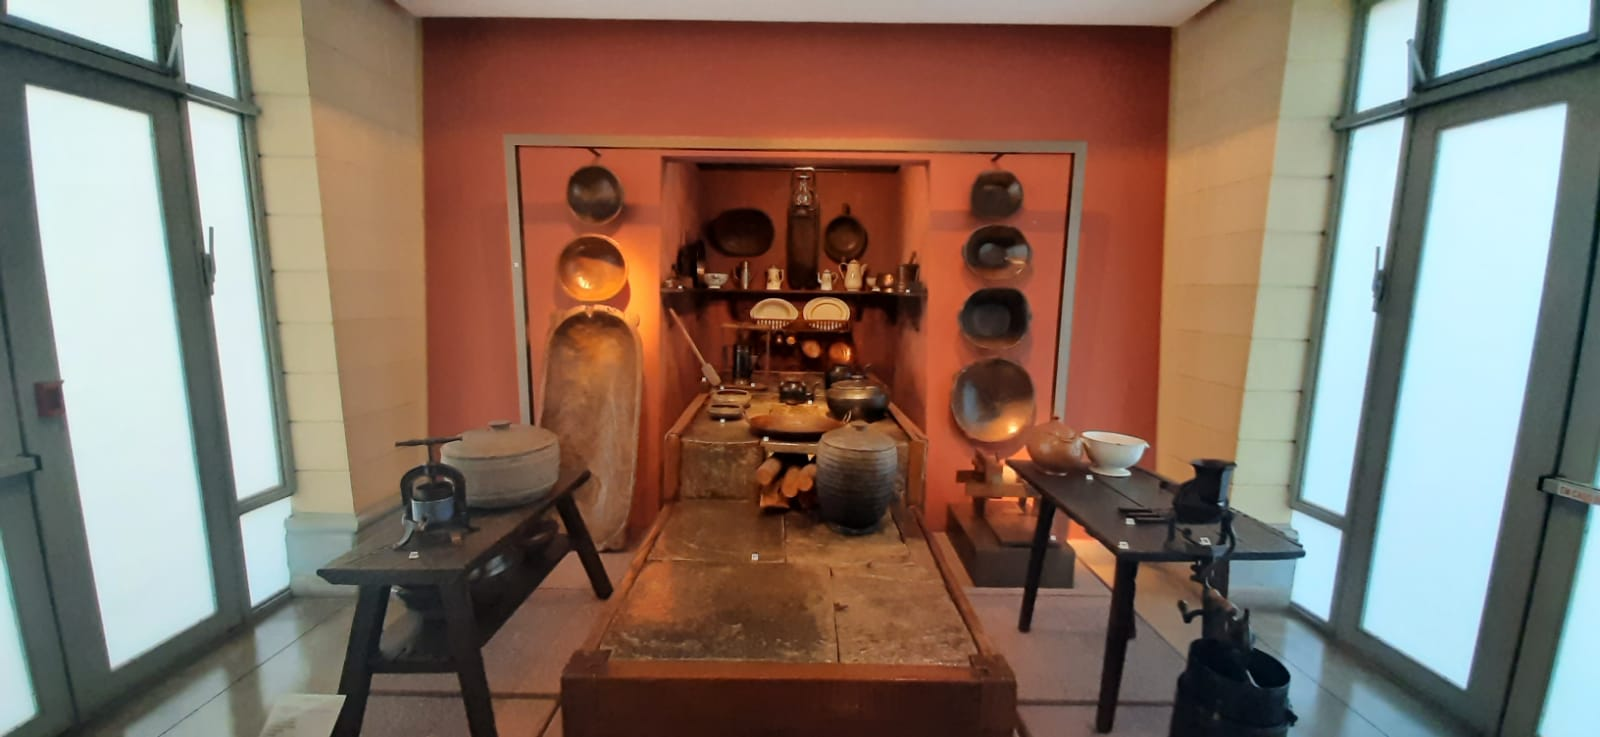 Museu de Artes e Ofícios de Belo Horizonte